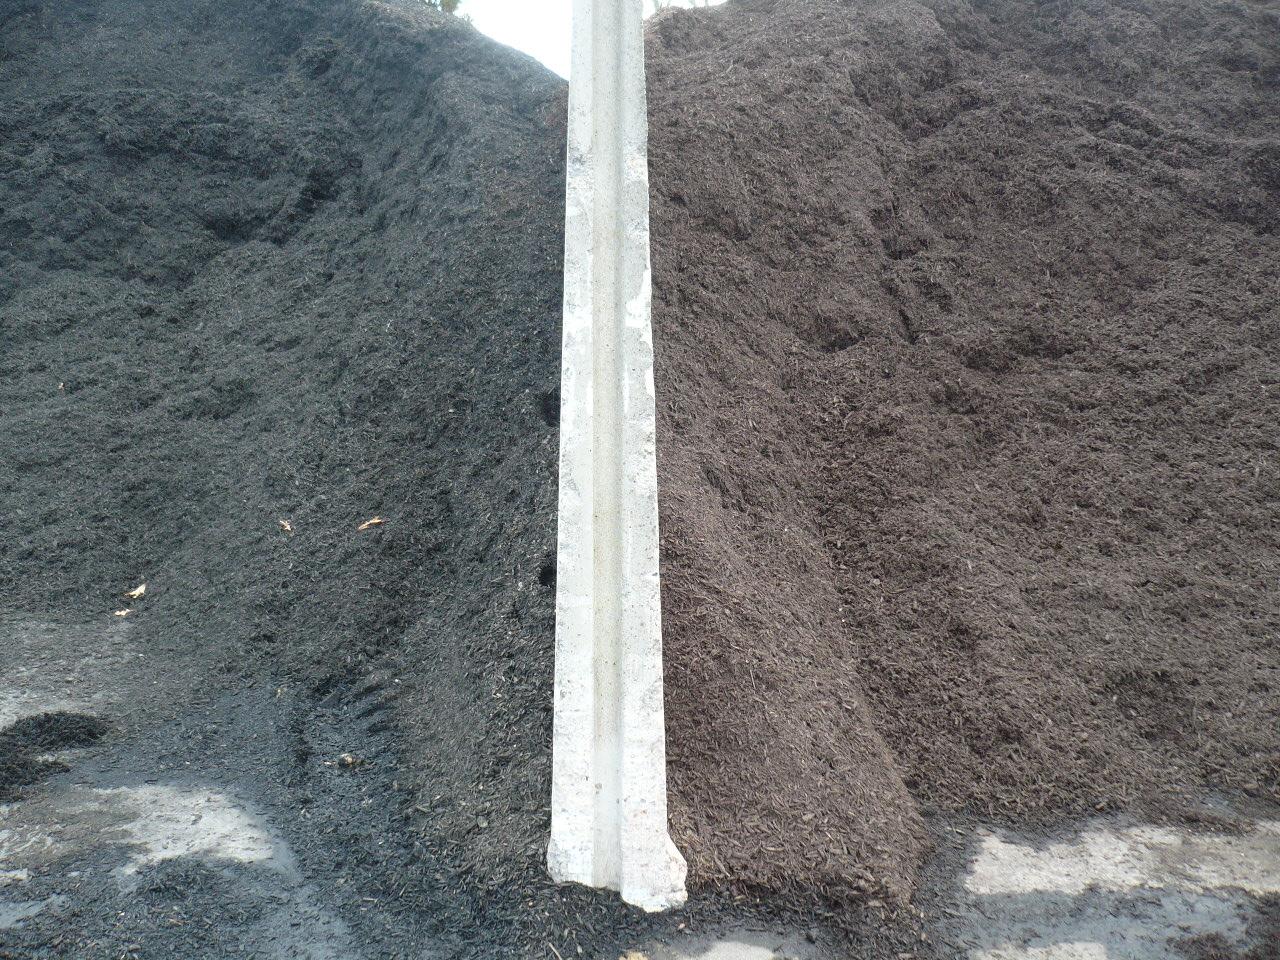 Black or Brown Wood Chips